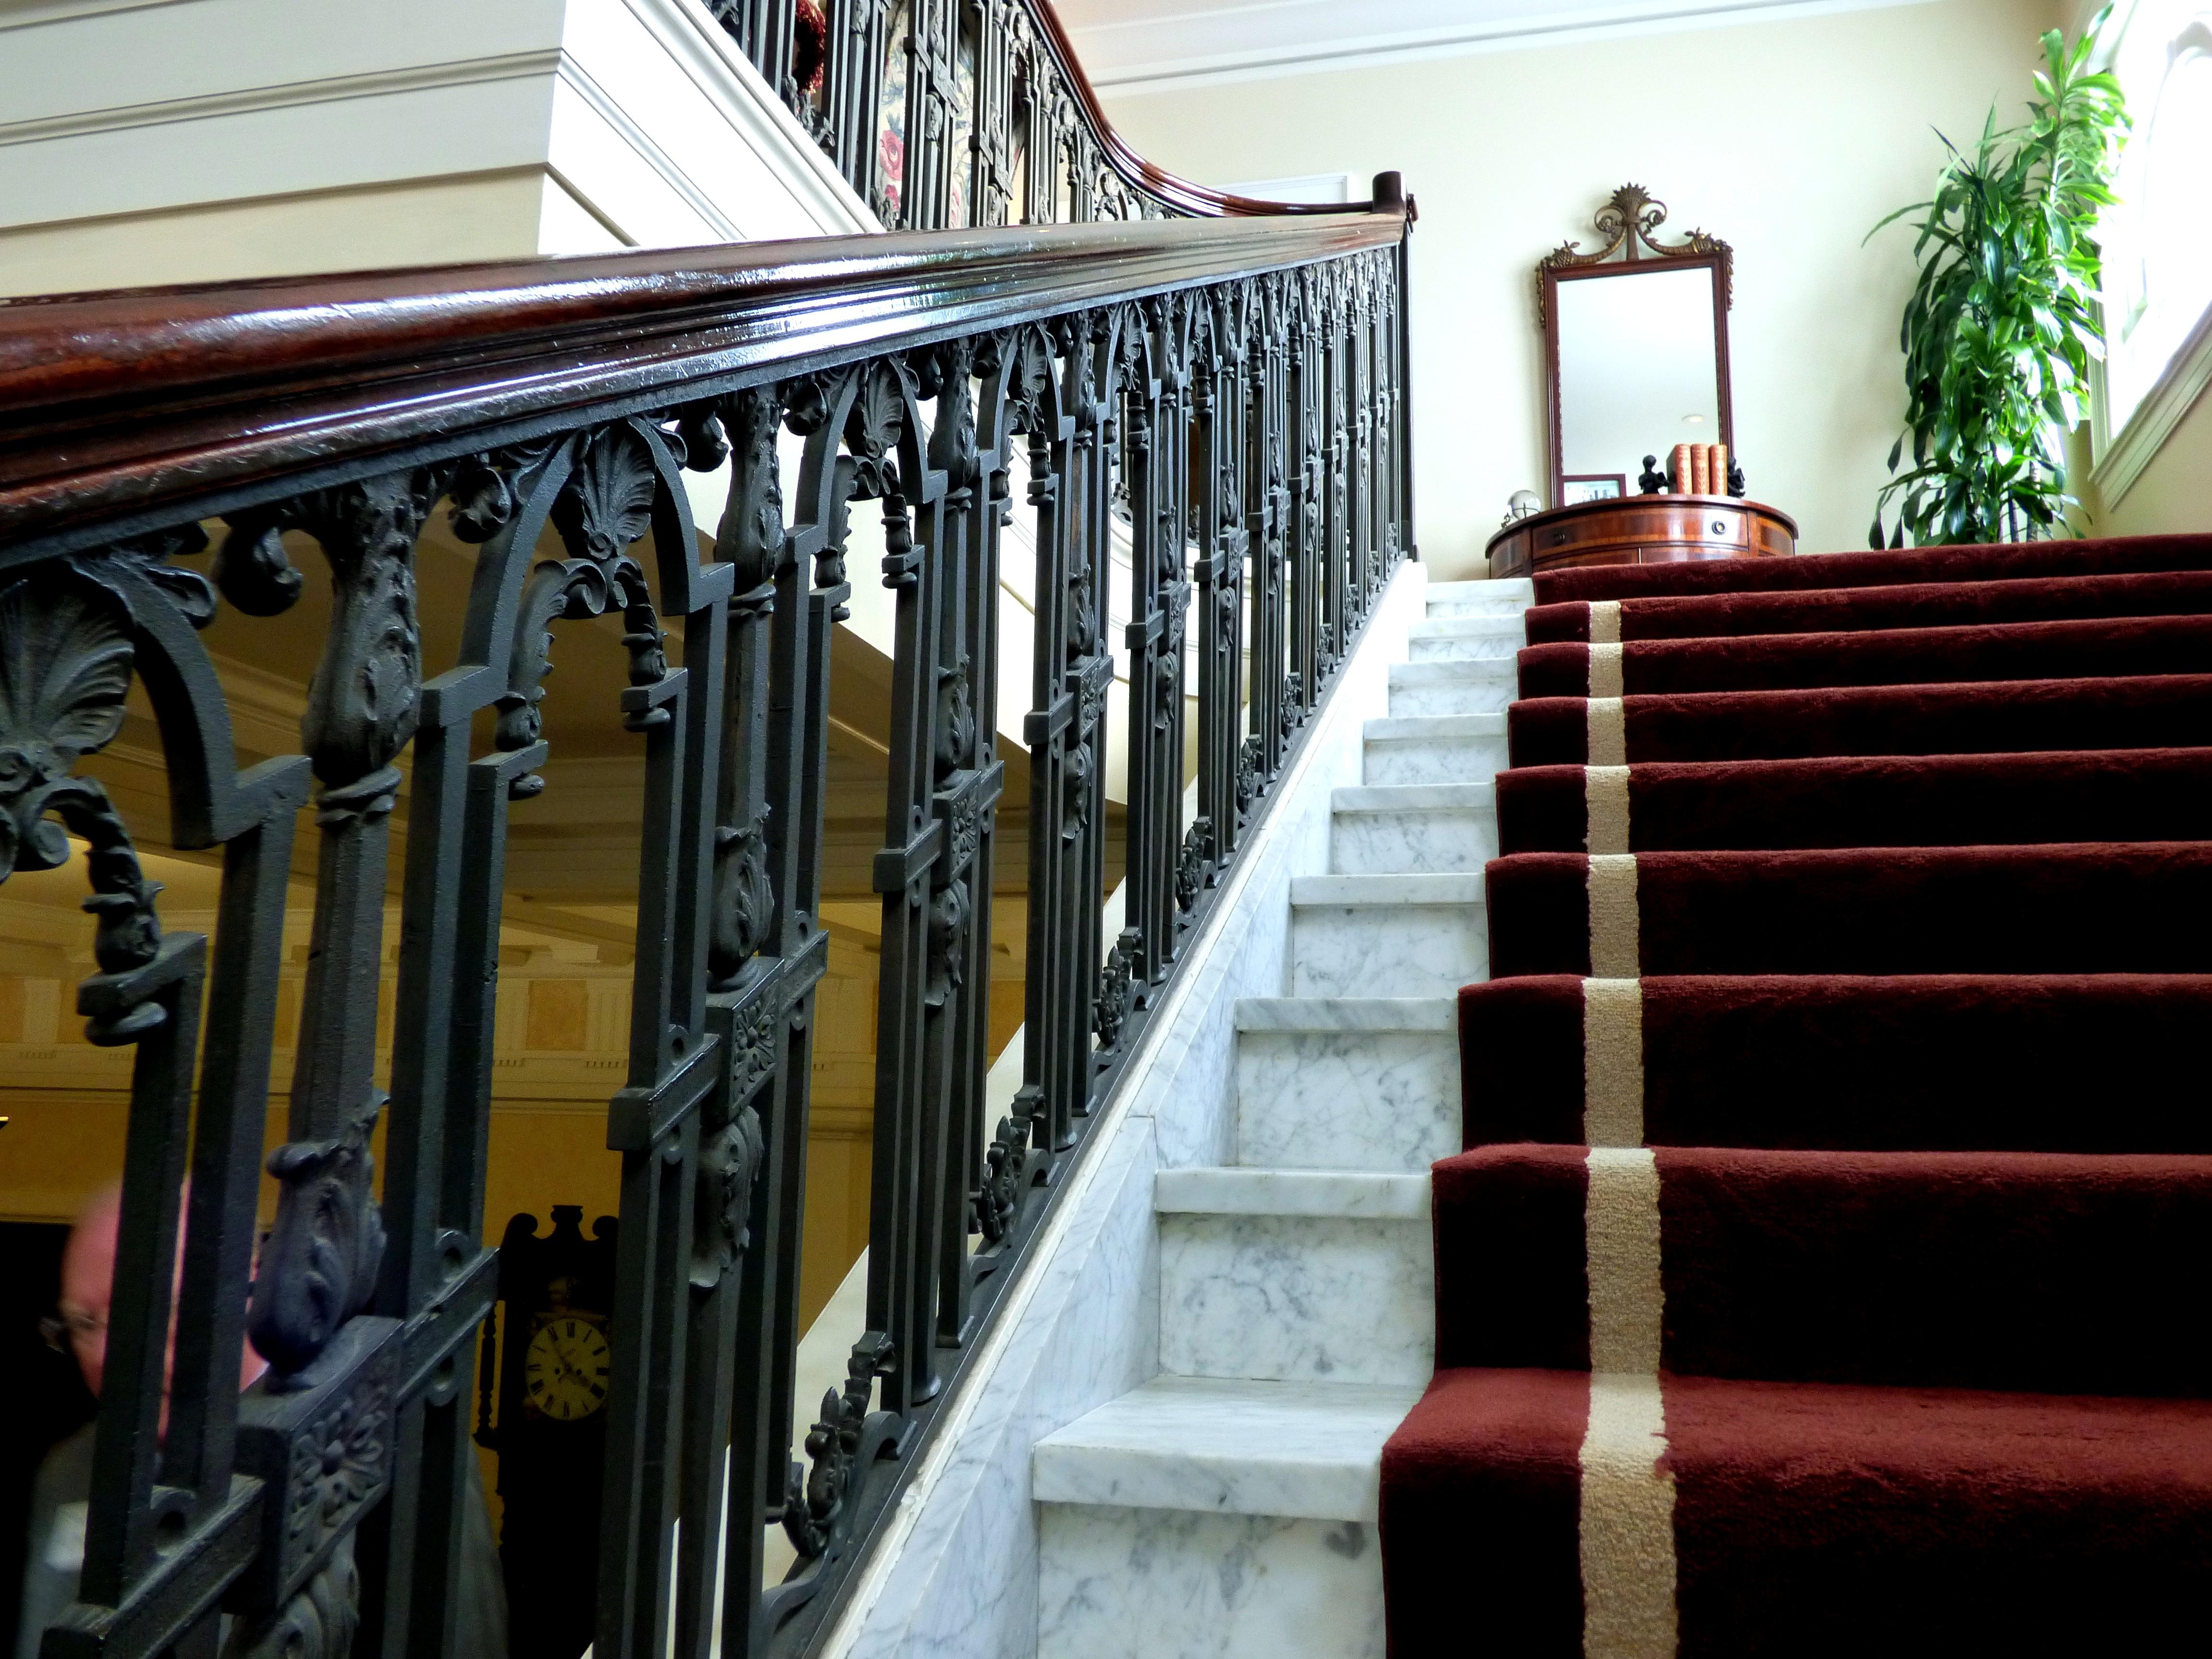 Tapijt Voor Balkon : Gratis afbeeldingen hout wijnoogst trappenhuis balkon tapijt